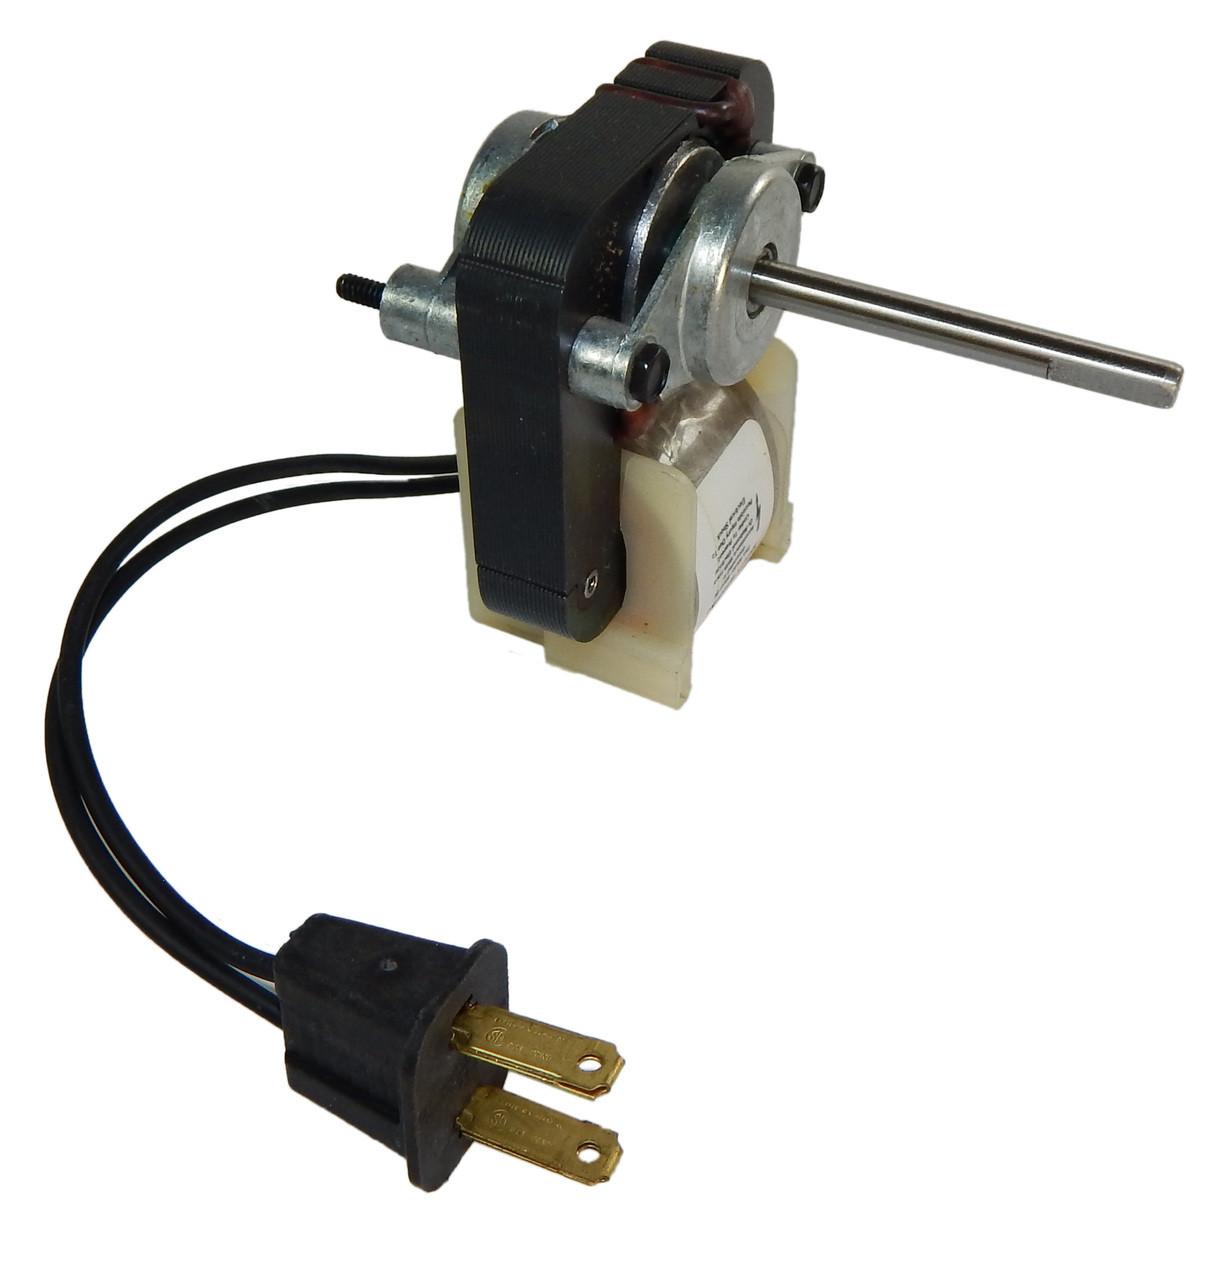 fasco k111 motor fasco c frame vent fan motor 82 amps 3000 rpm 115v ccw rotation